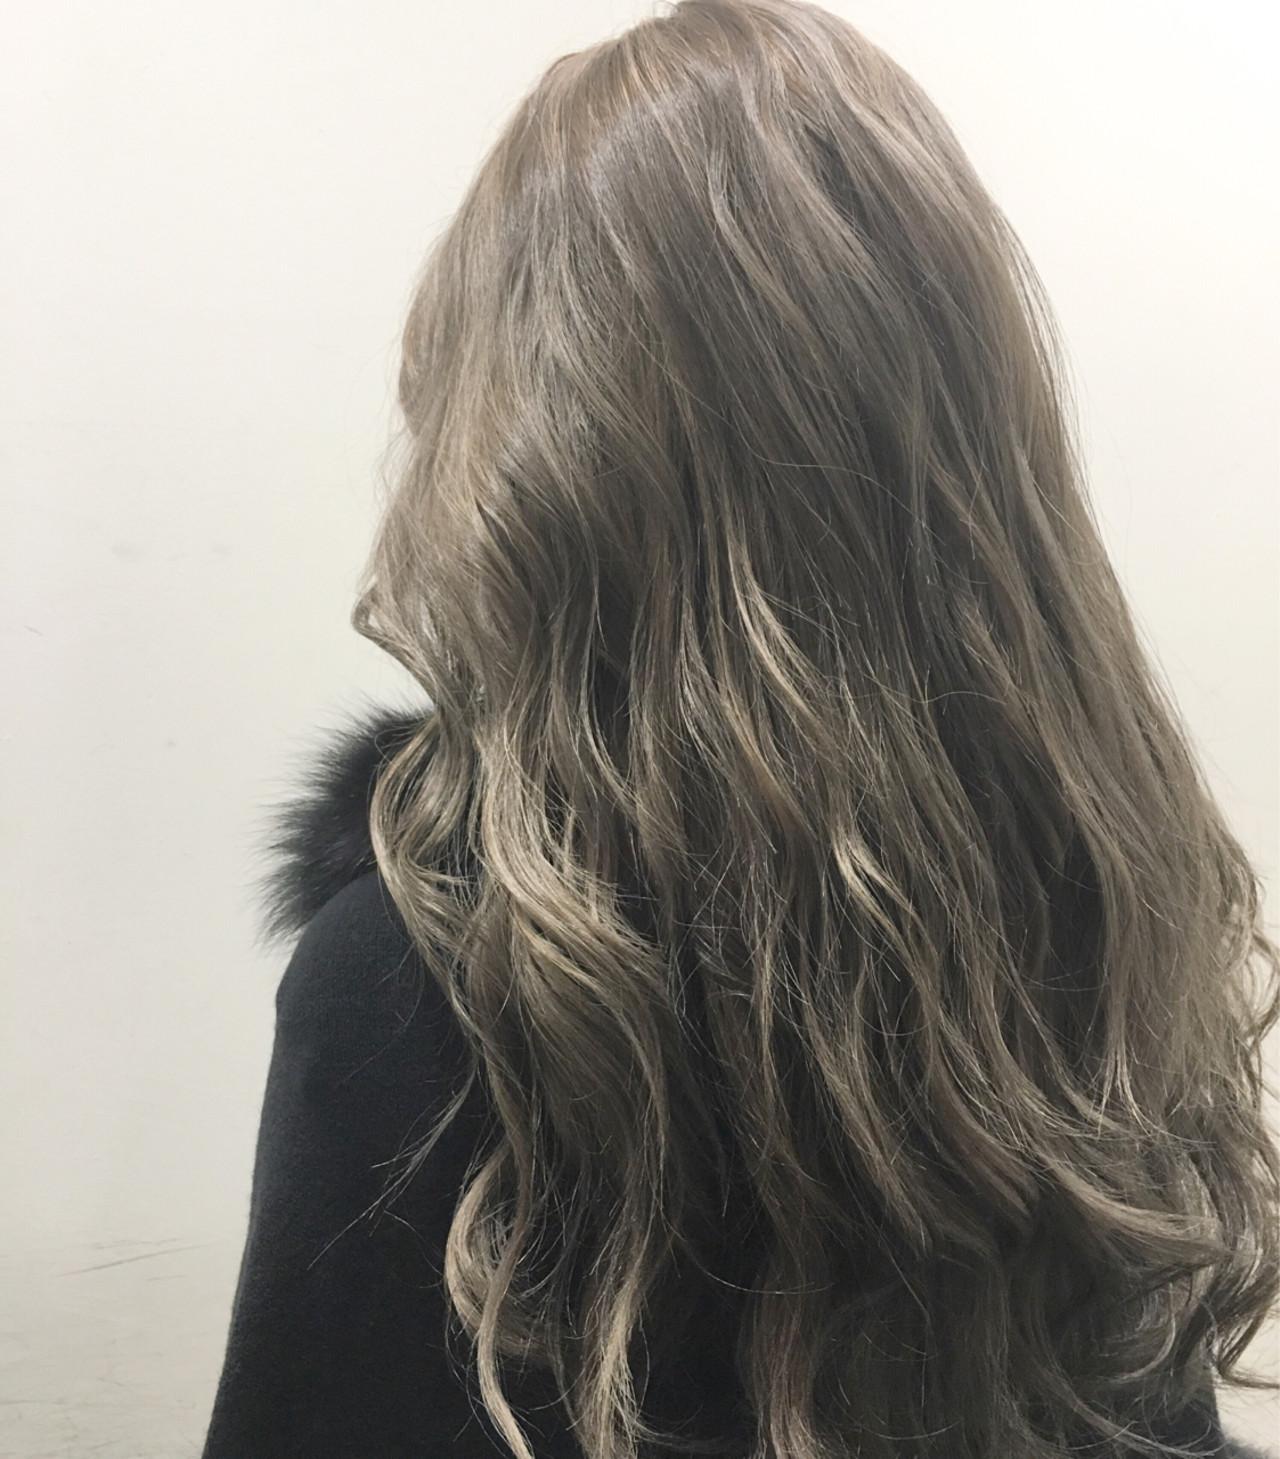 ストリート ハイライト アッシュ ブラウン ヘアスタイルや髪型の写真・画像 | 斧江 和也 / ROOTS IRIE